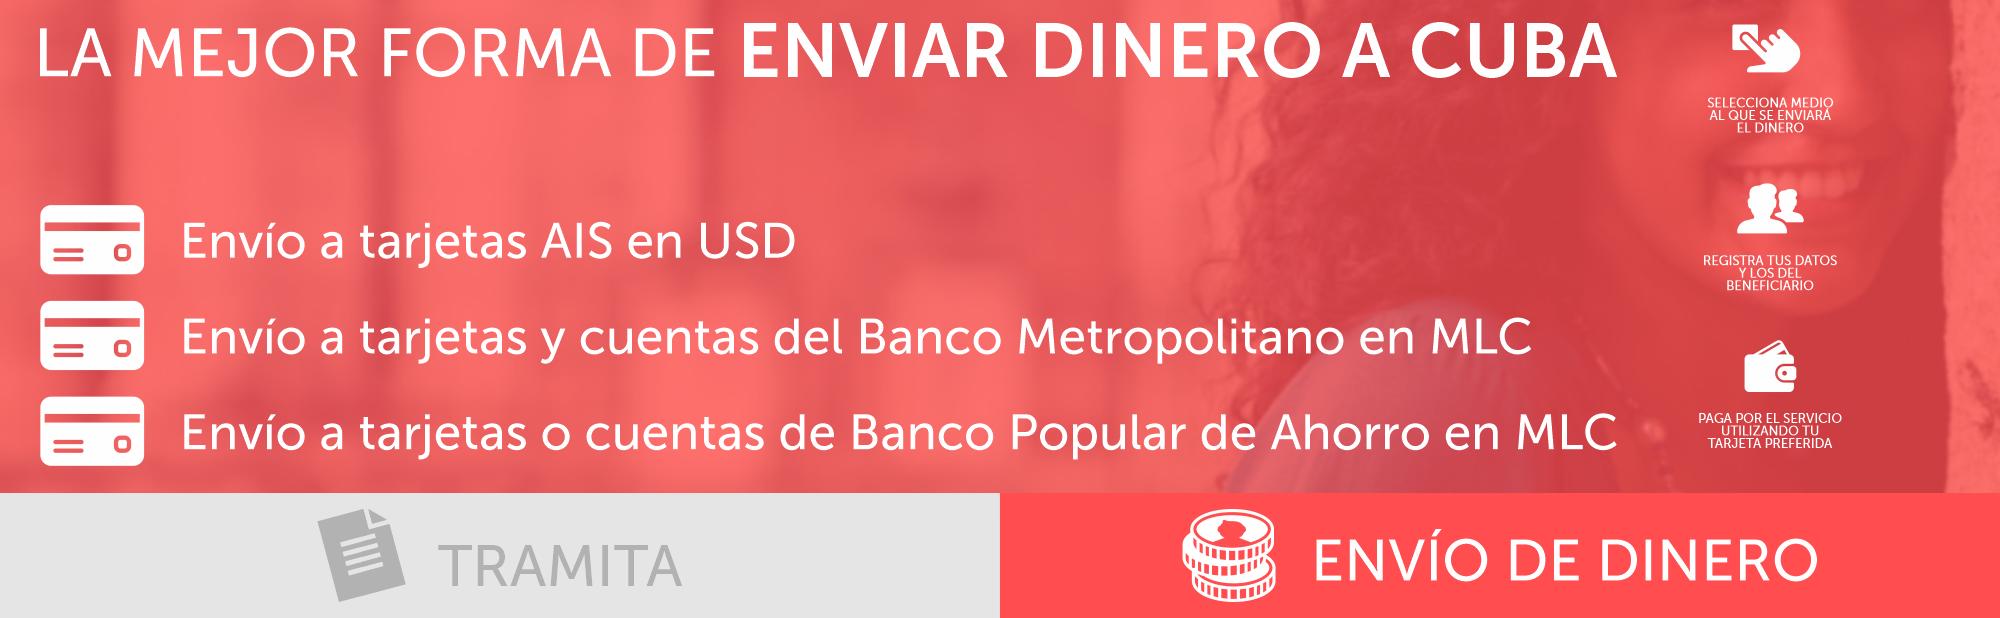 la-cubana-compra-tramita-envio-dinero-cuba